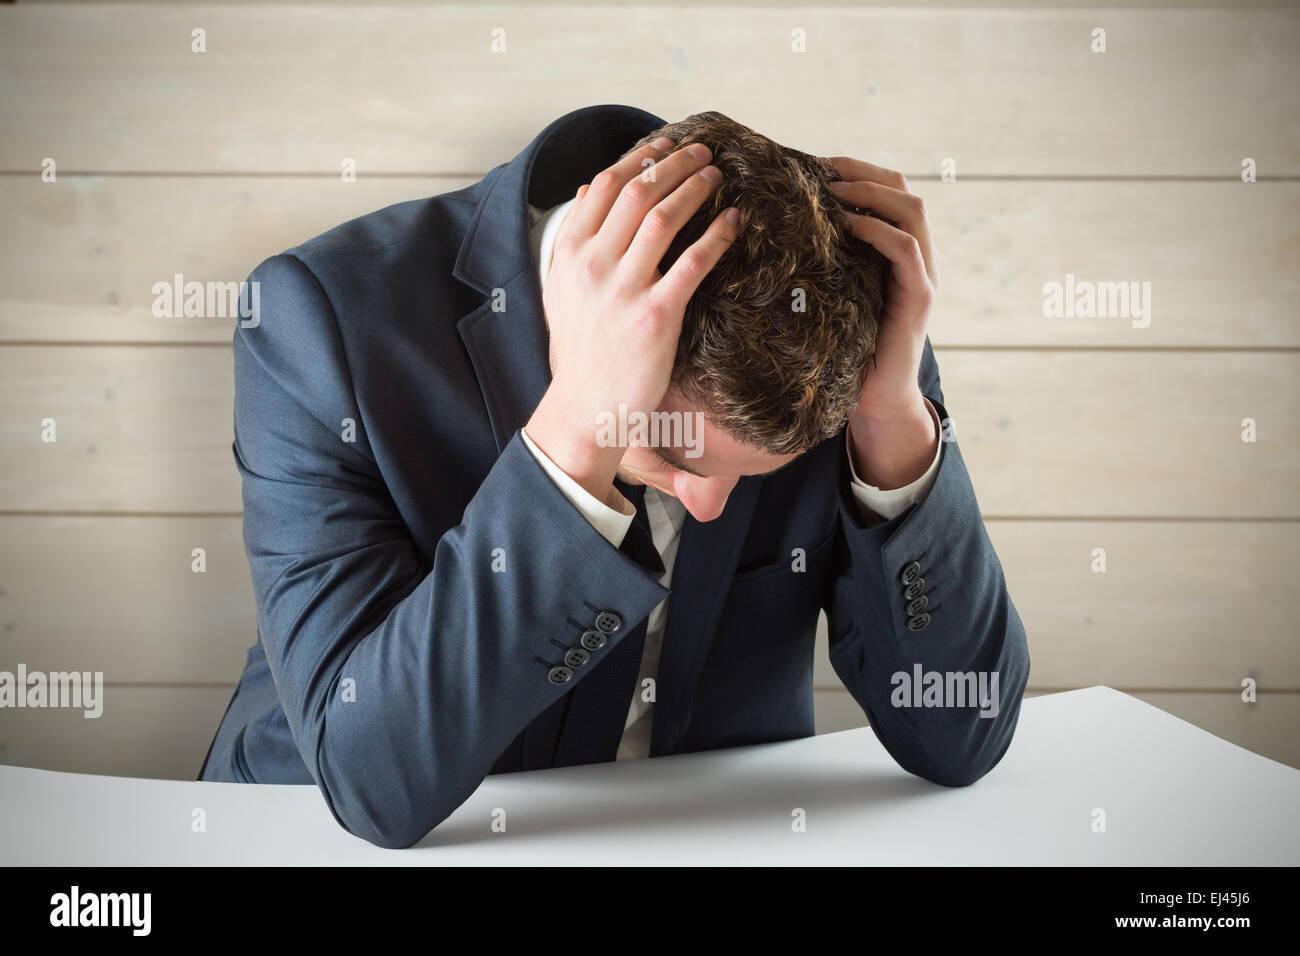 Immagine composita di imprenditore con testa in mani Immagini Stock